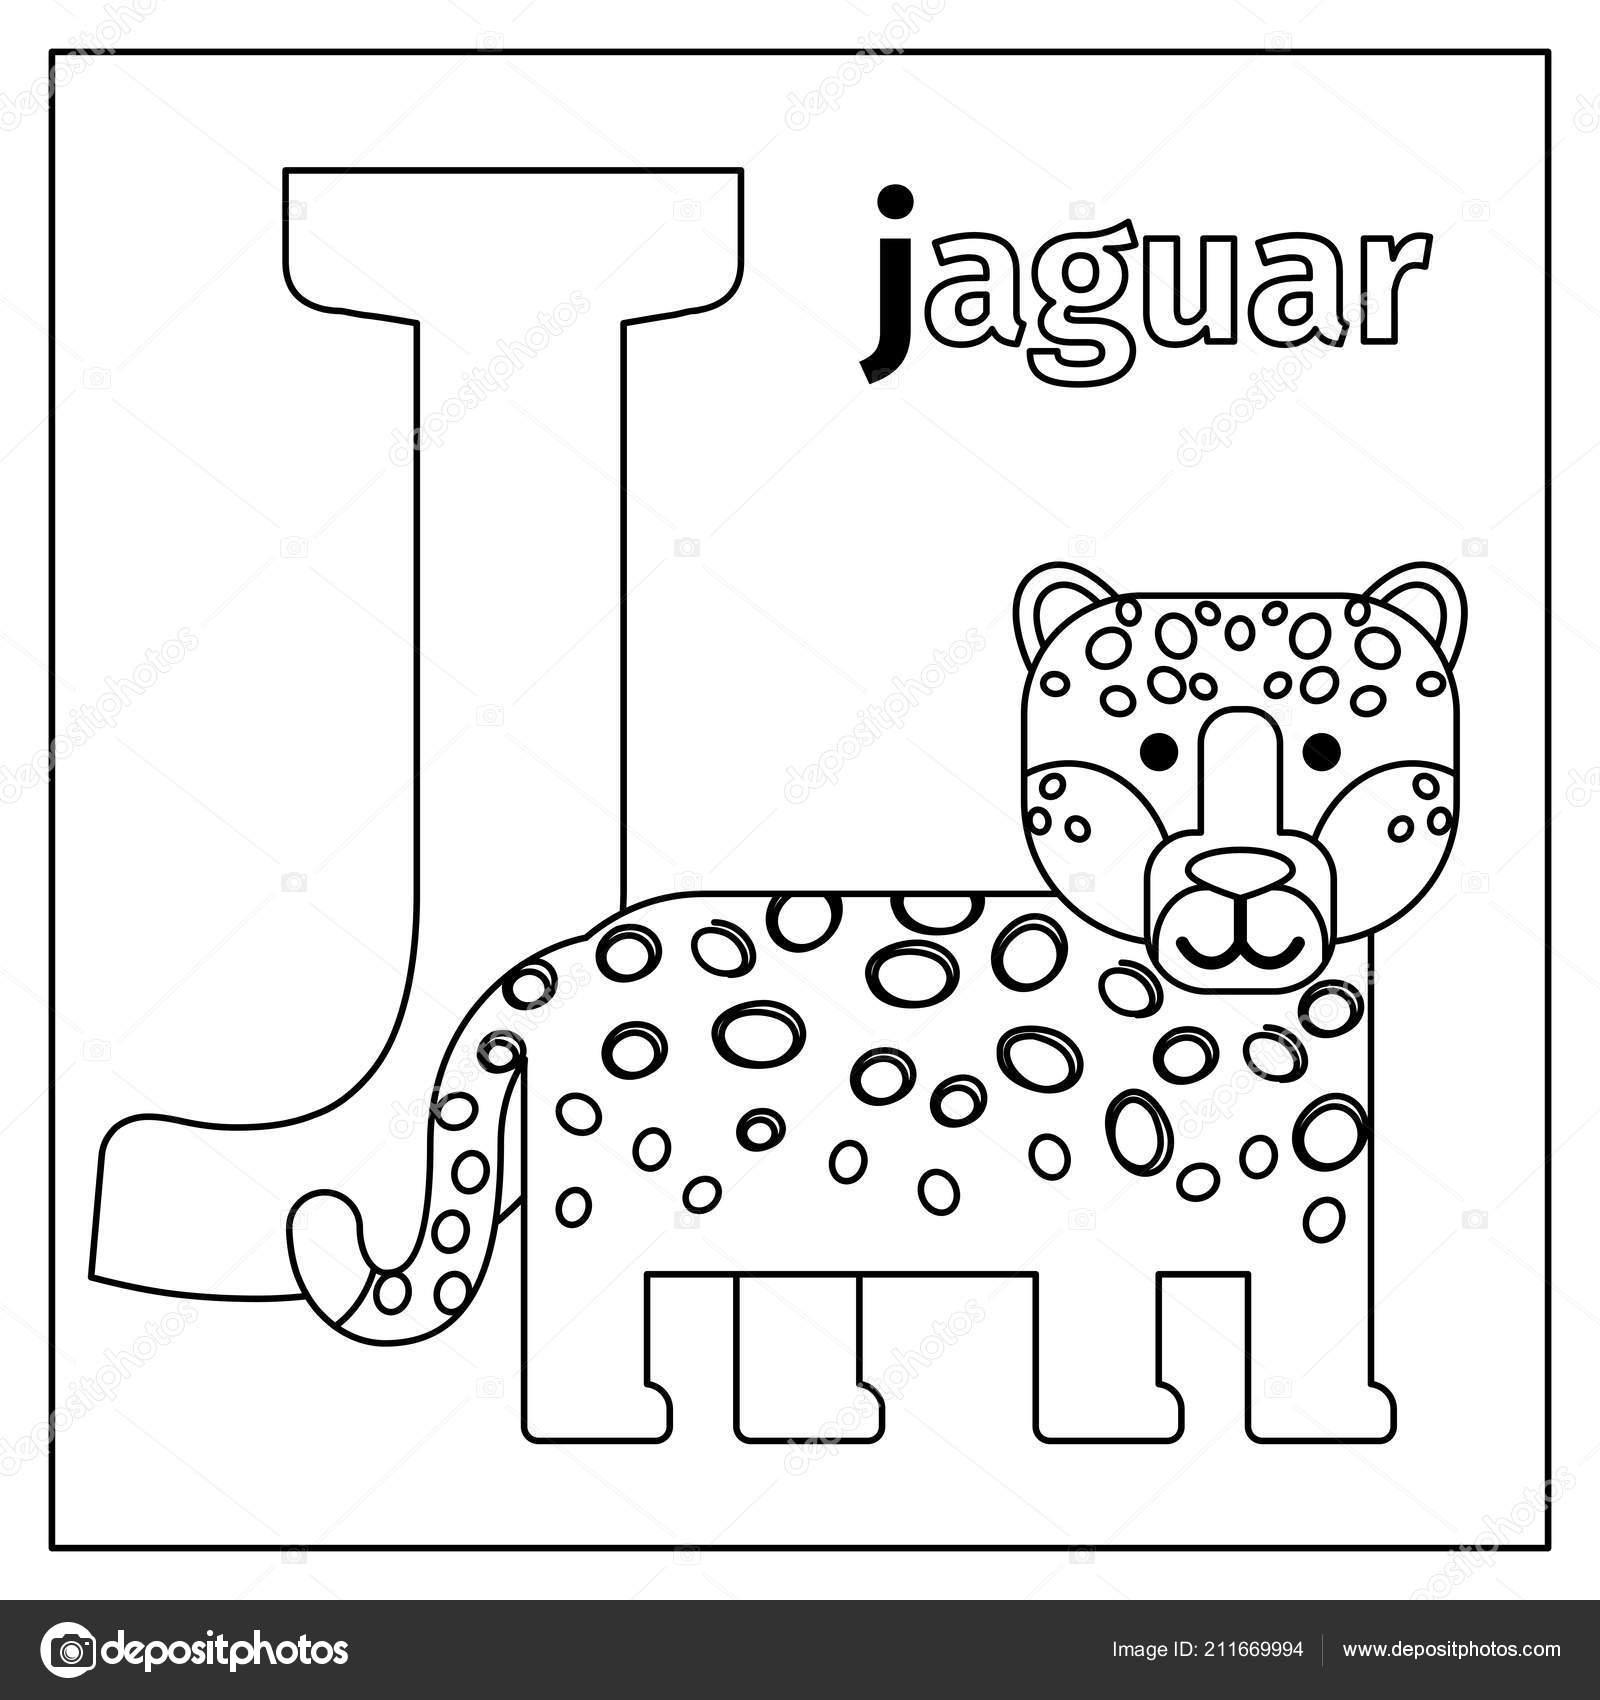 Kleurplaten Letter J.Jaguar Letter J Kleurplaat Stockvector C Ssstocker 211669994